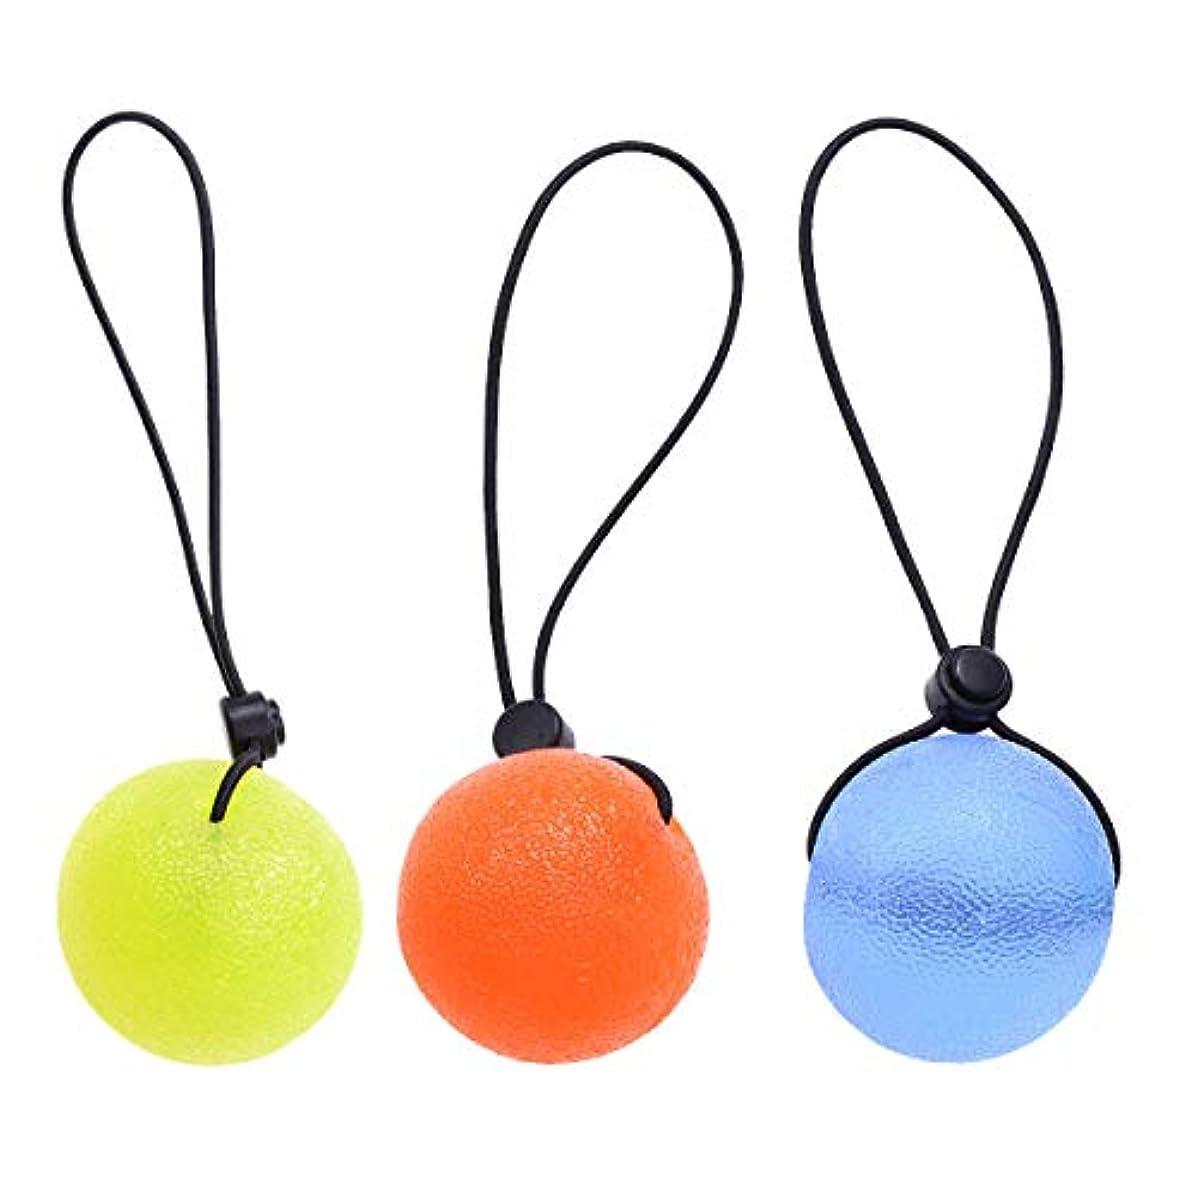 クック処理ピューSUPVOX 3個ハンドグリップ強化剤フィンガーグリップセラピーエクササイズスクイズストレスボール